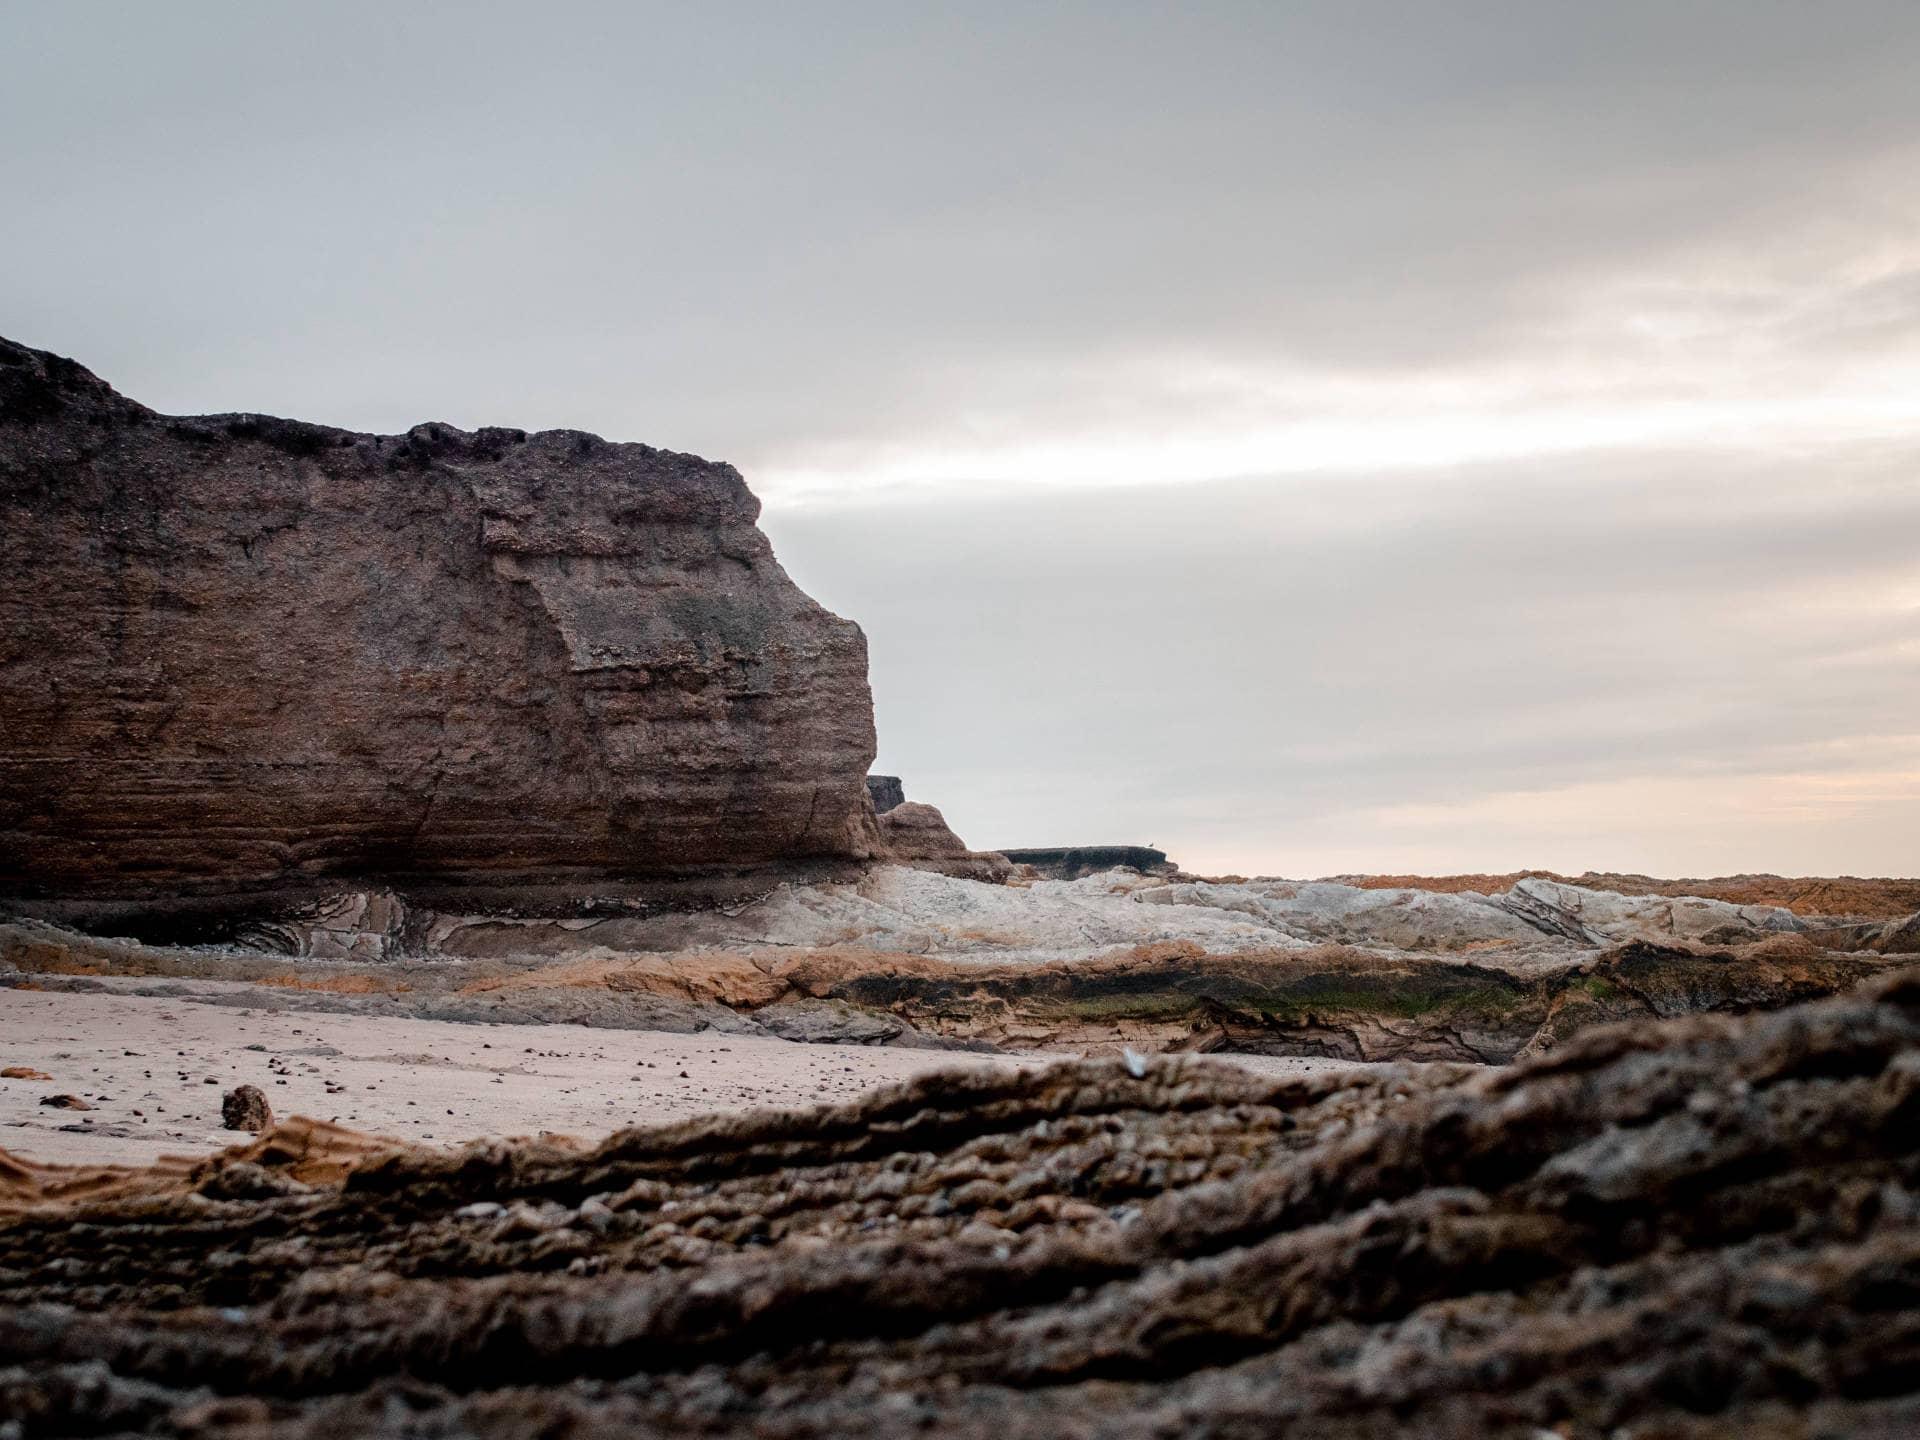 Martian Rocks in Los Osos